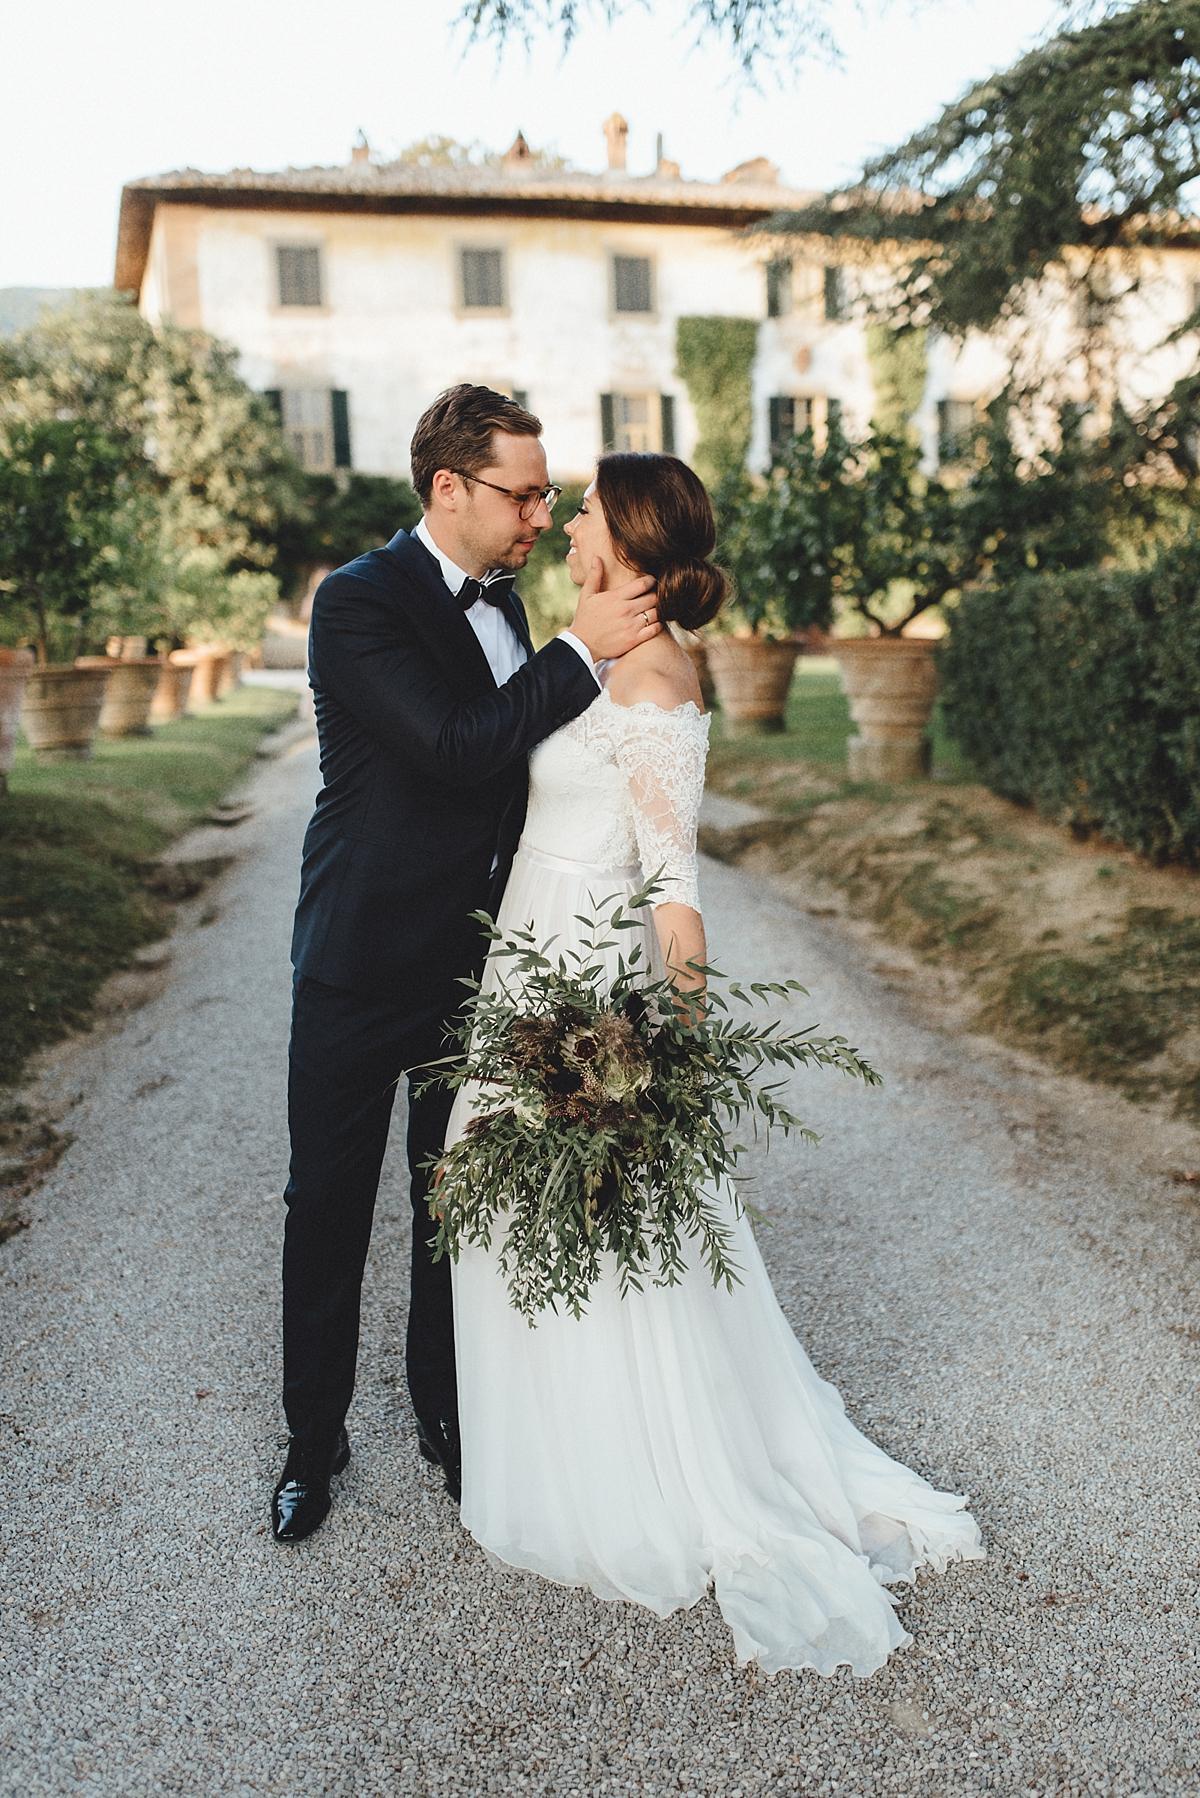 hochzeitsfotograf toskana Kristina & Daniel Mediterrane Toskana Hochzeithochzeitsfotograf toskana italien 2188